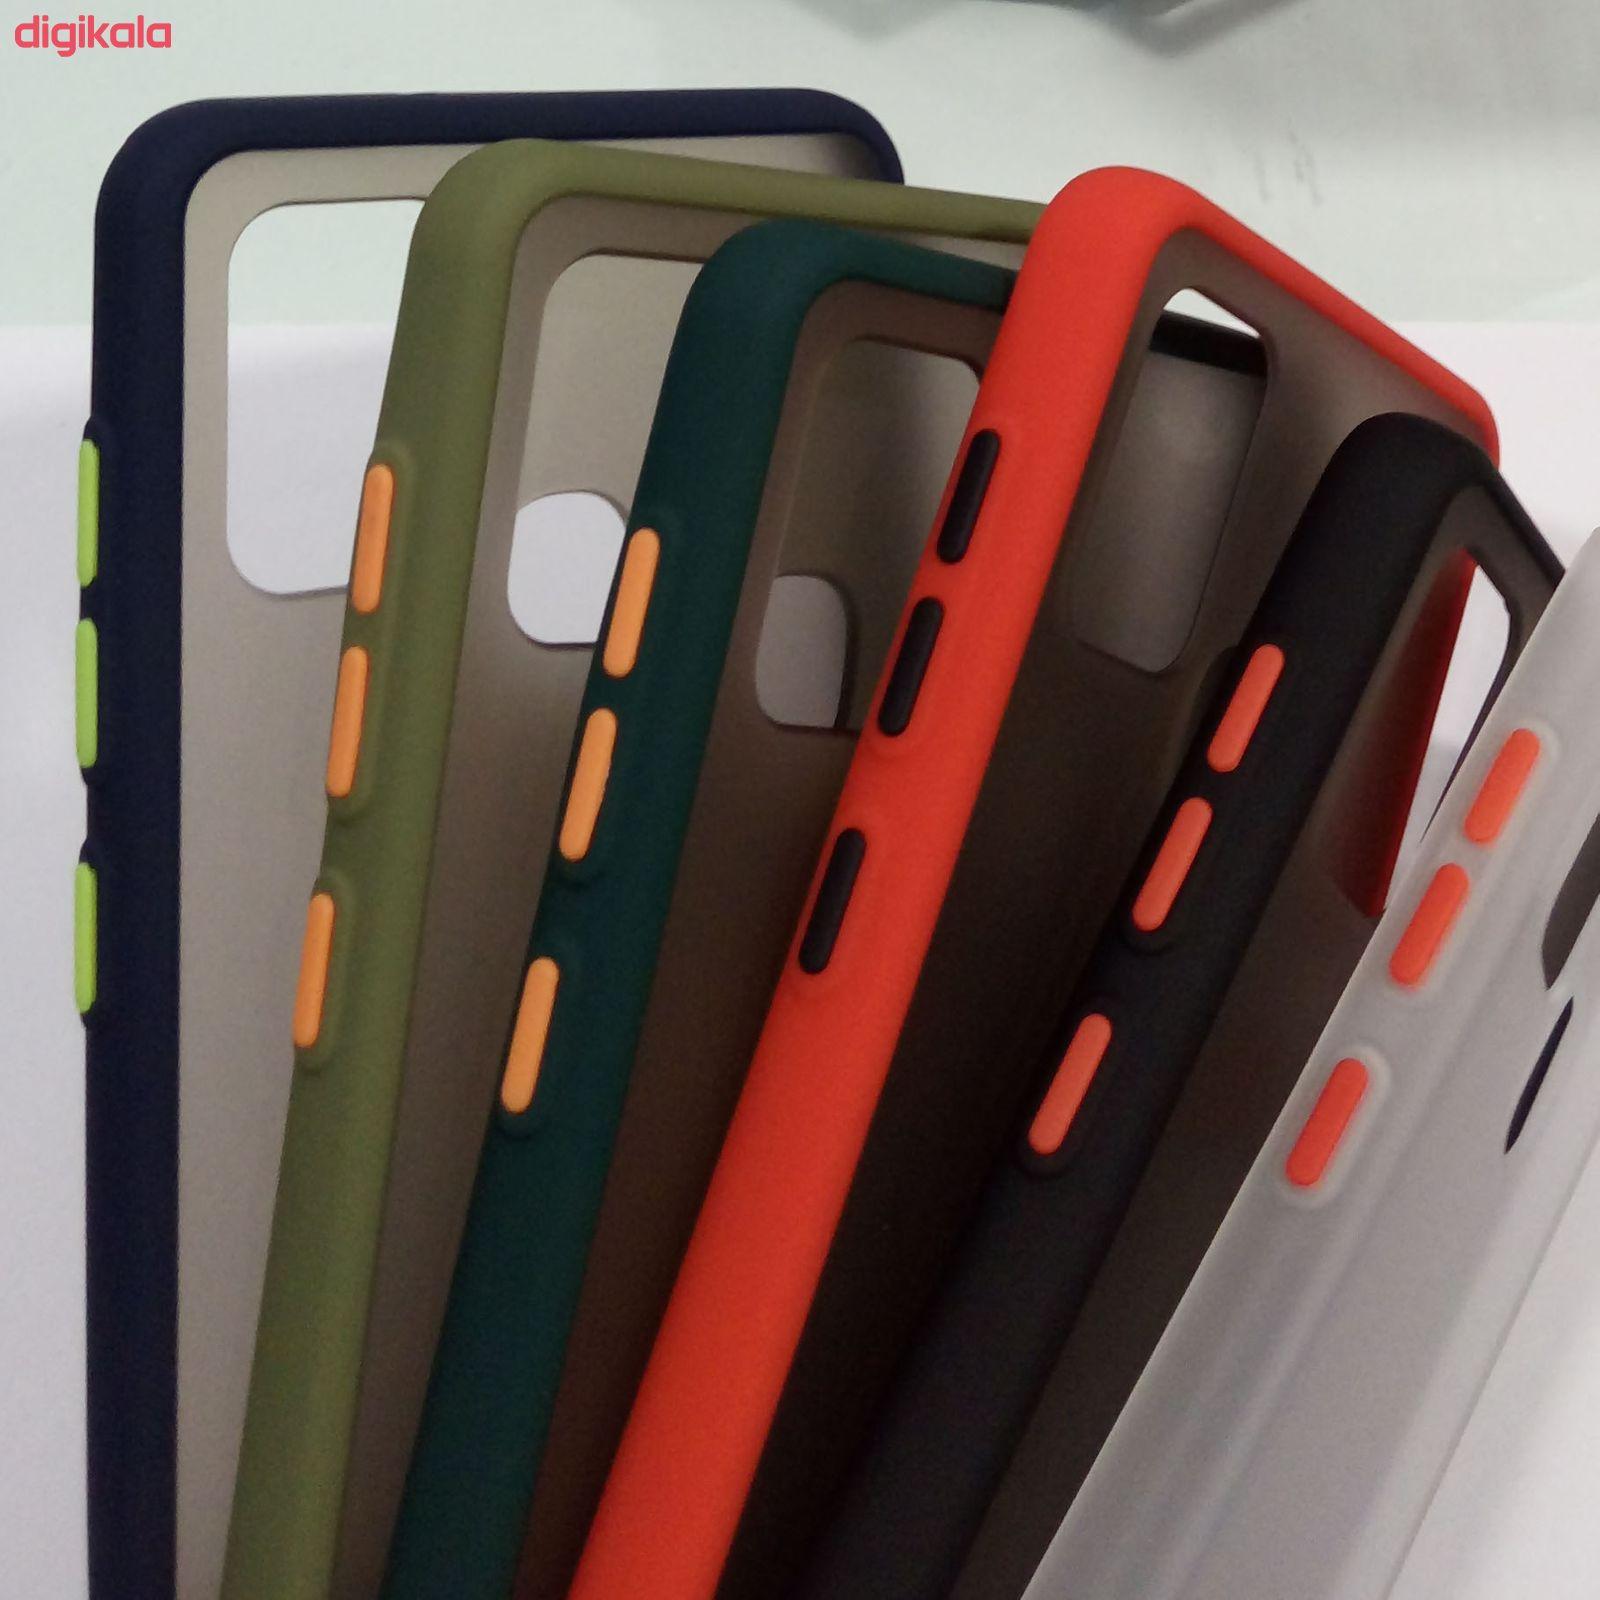 کاور مدل ma مناسب برای گوشی موبایل سامسونگ galaxy A21s main 1 2